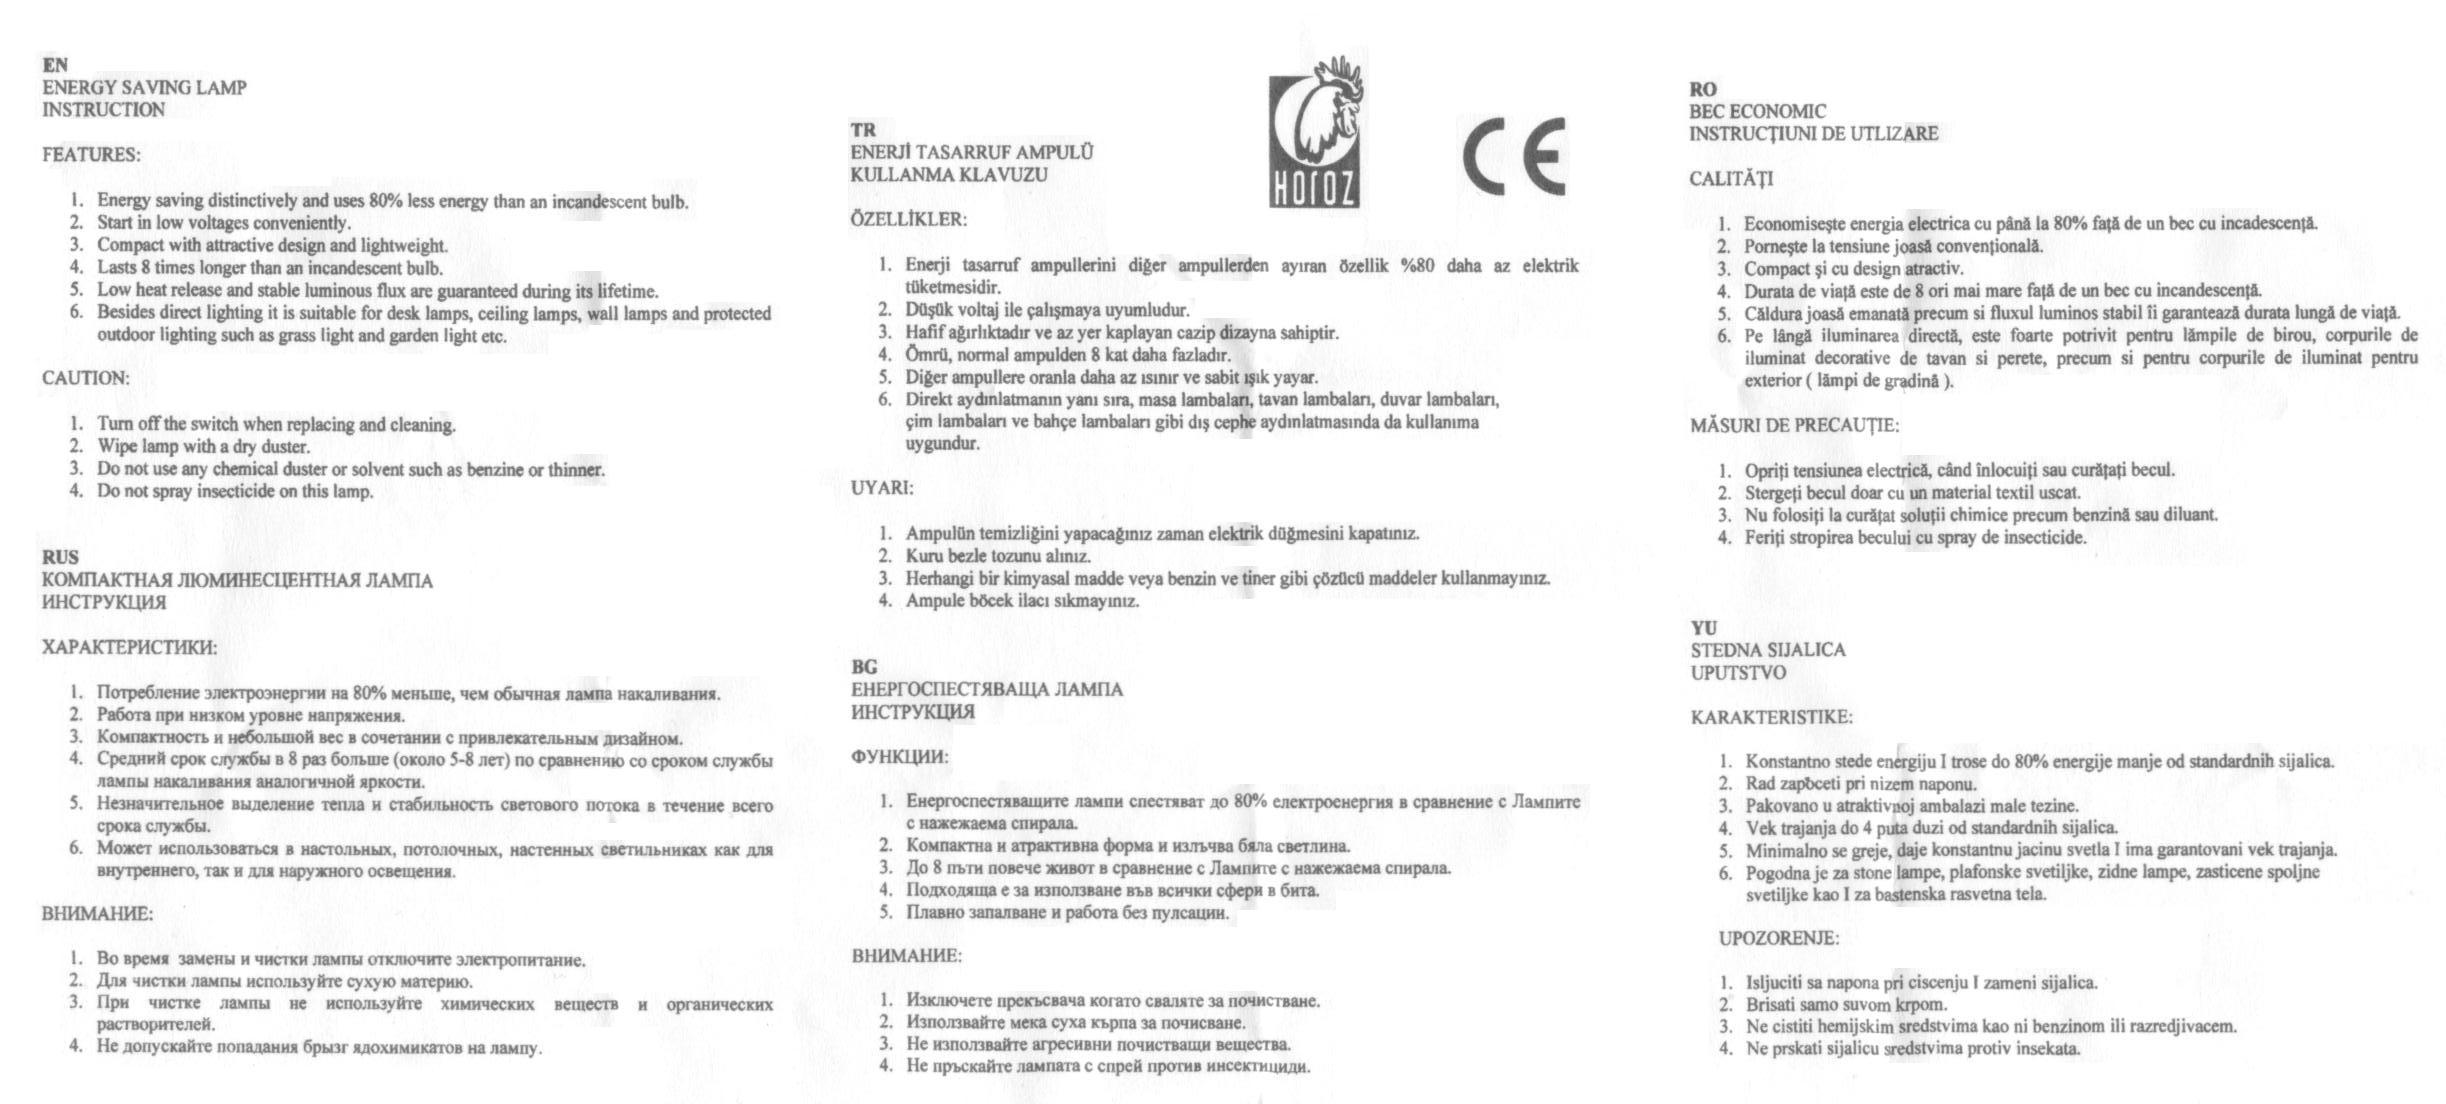 Инструкция на английском и русском языках